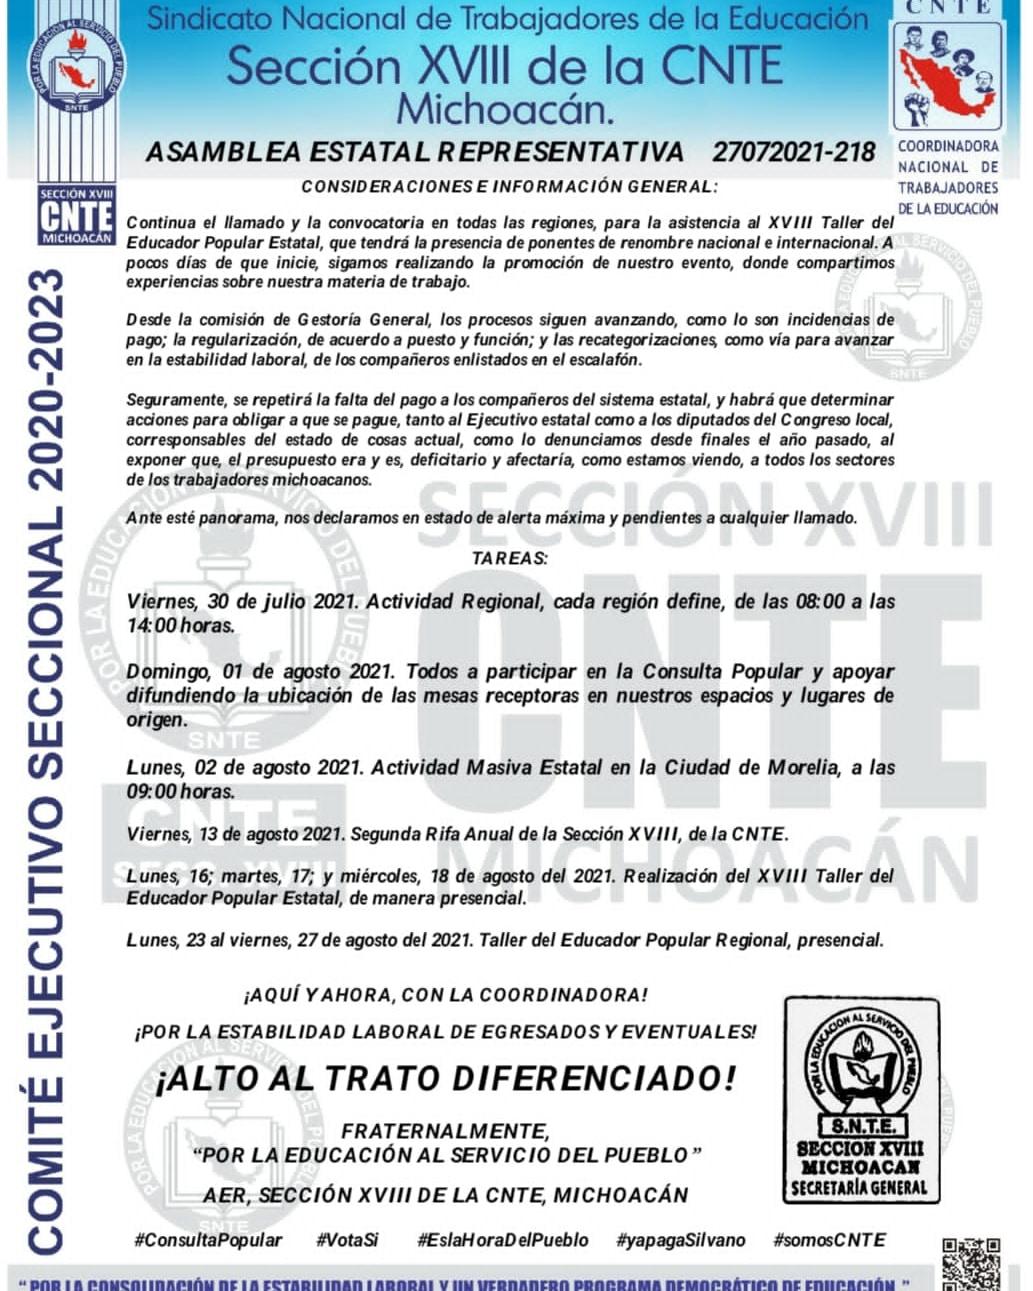 ANTE LA FALTA DE PRONUNCIAMIENTOS POR PARTE DEL ESTADO, RESPECTO AL PAGO, EL GREMIO MAGISTERIAL DE LA COORDINACIÓN REGIONAL APATZINGÁN -CRA-, SE MANTIENE A LA ESPECTATIVA EN SUS ACCIONES.